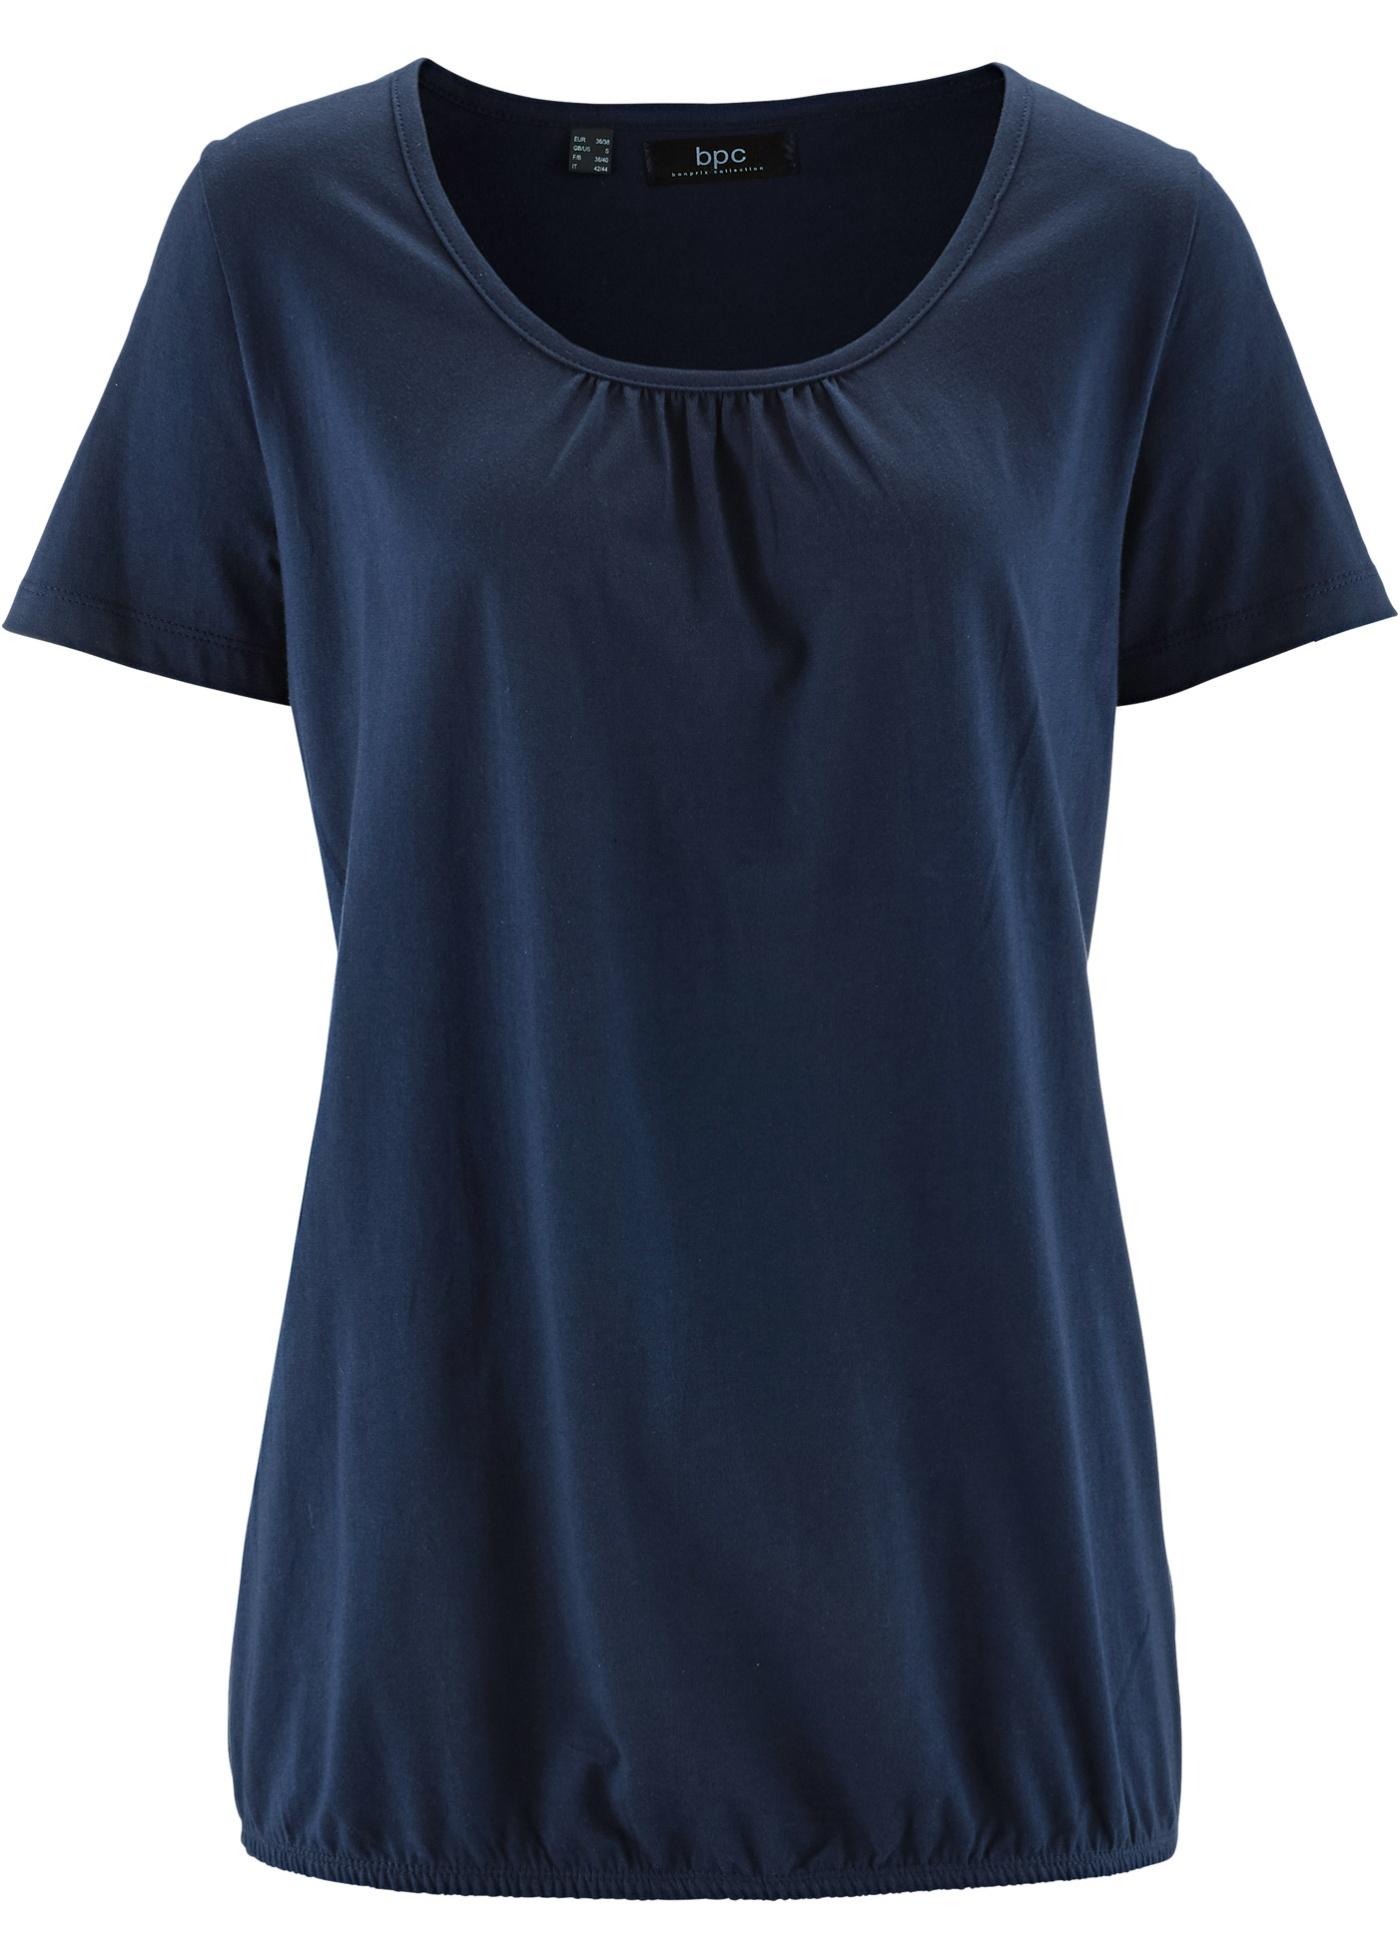 Bleu Bpc Manches Bonprix CollectionT shirt Courtes Femme Pour n0wO8PNXk